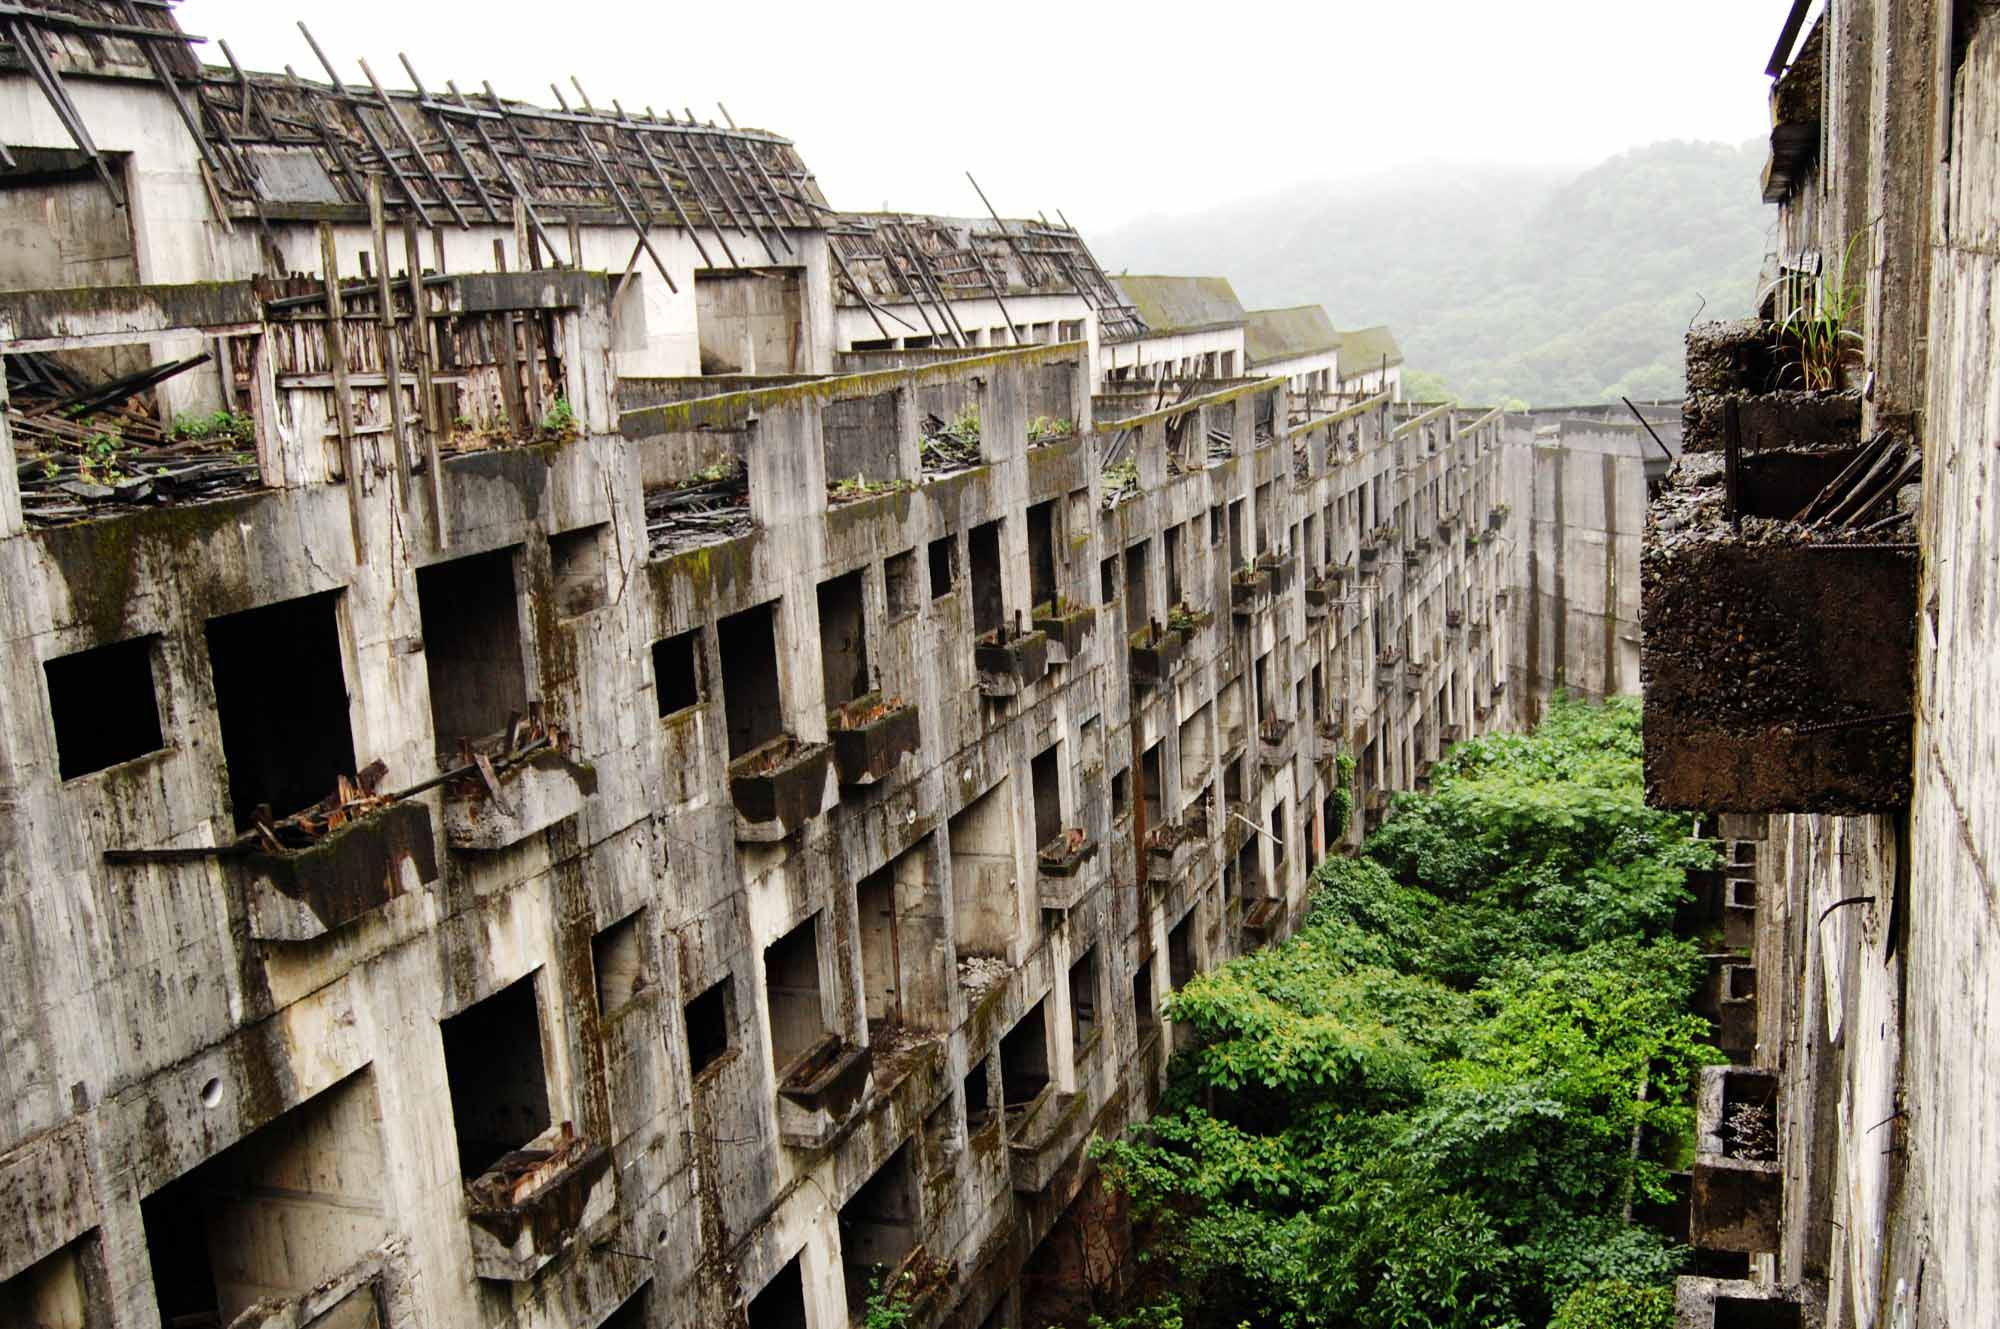 Мертвый остров: почему тысячи людей покинули дома, превратив родную землю в жуткое место? заброшенные места,мир,остров